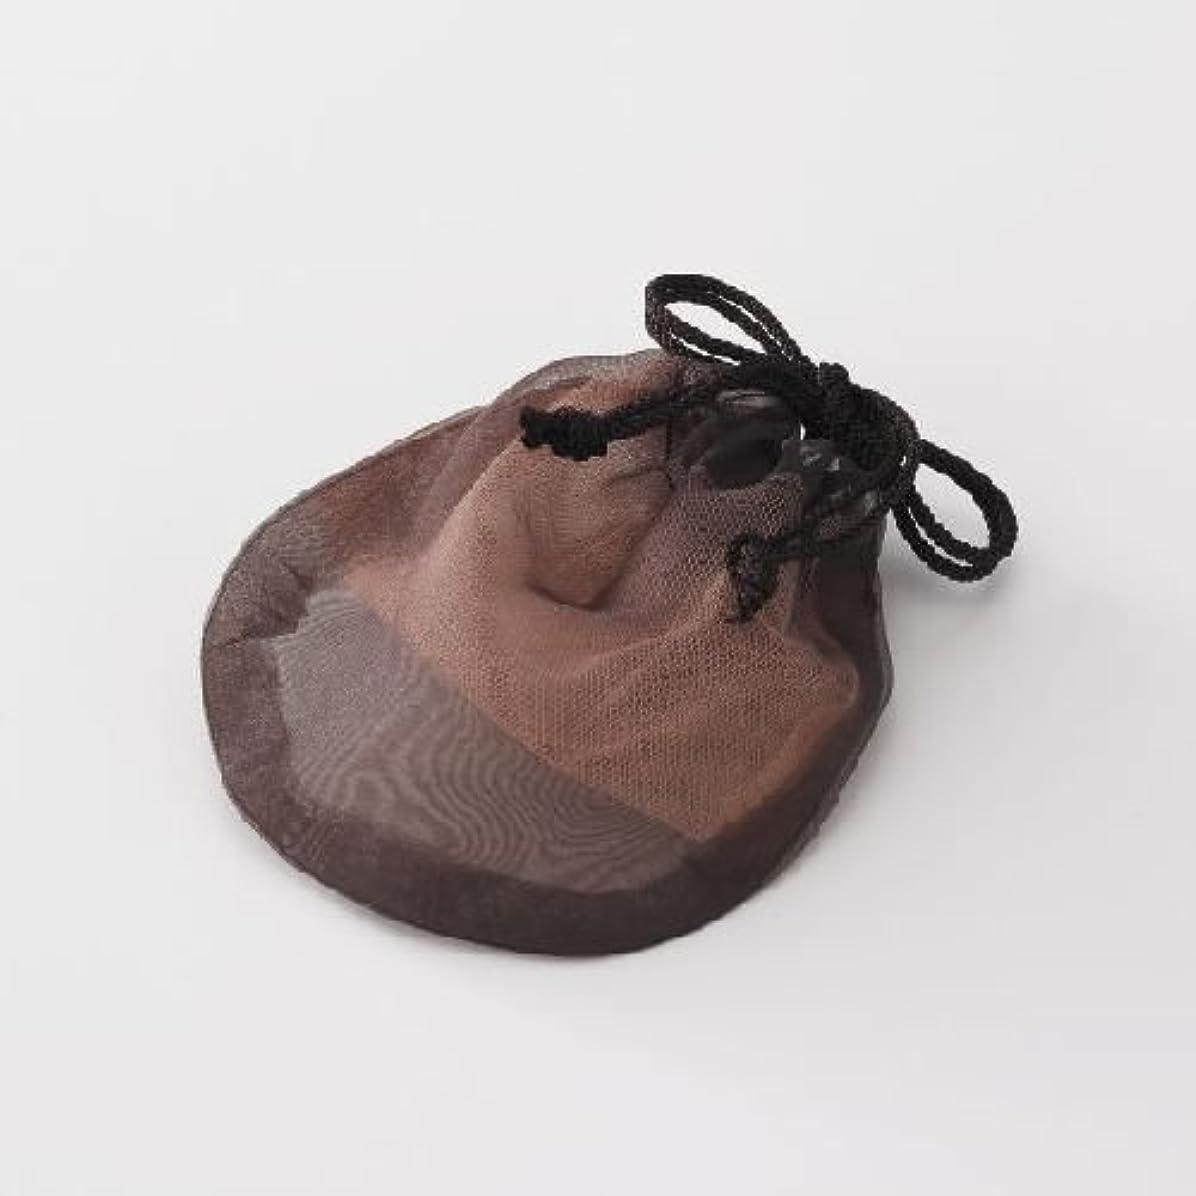 巻き取り推測妻ピギーバックス ソープネット 瞬時にマシュマロのようなお肌に負担をかけないキメ細かな泡をつくることができるオシャレなポーチ型オリジナル【泡だてネット】!衛生的に固形石鹸の保存もできます。